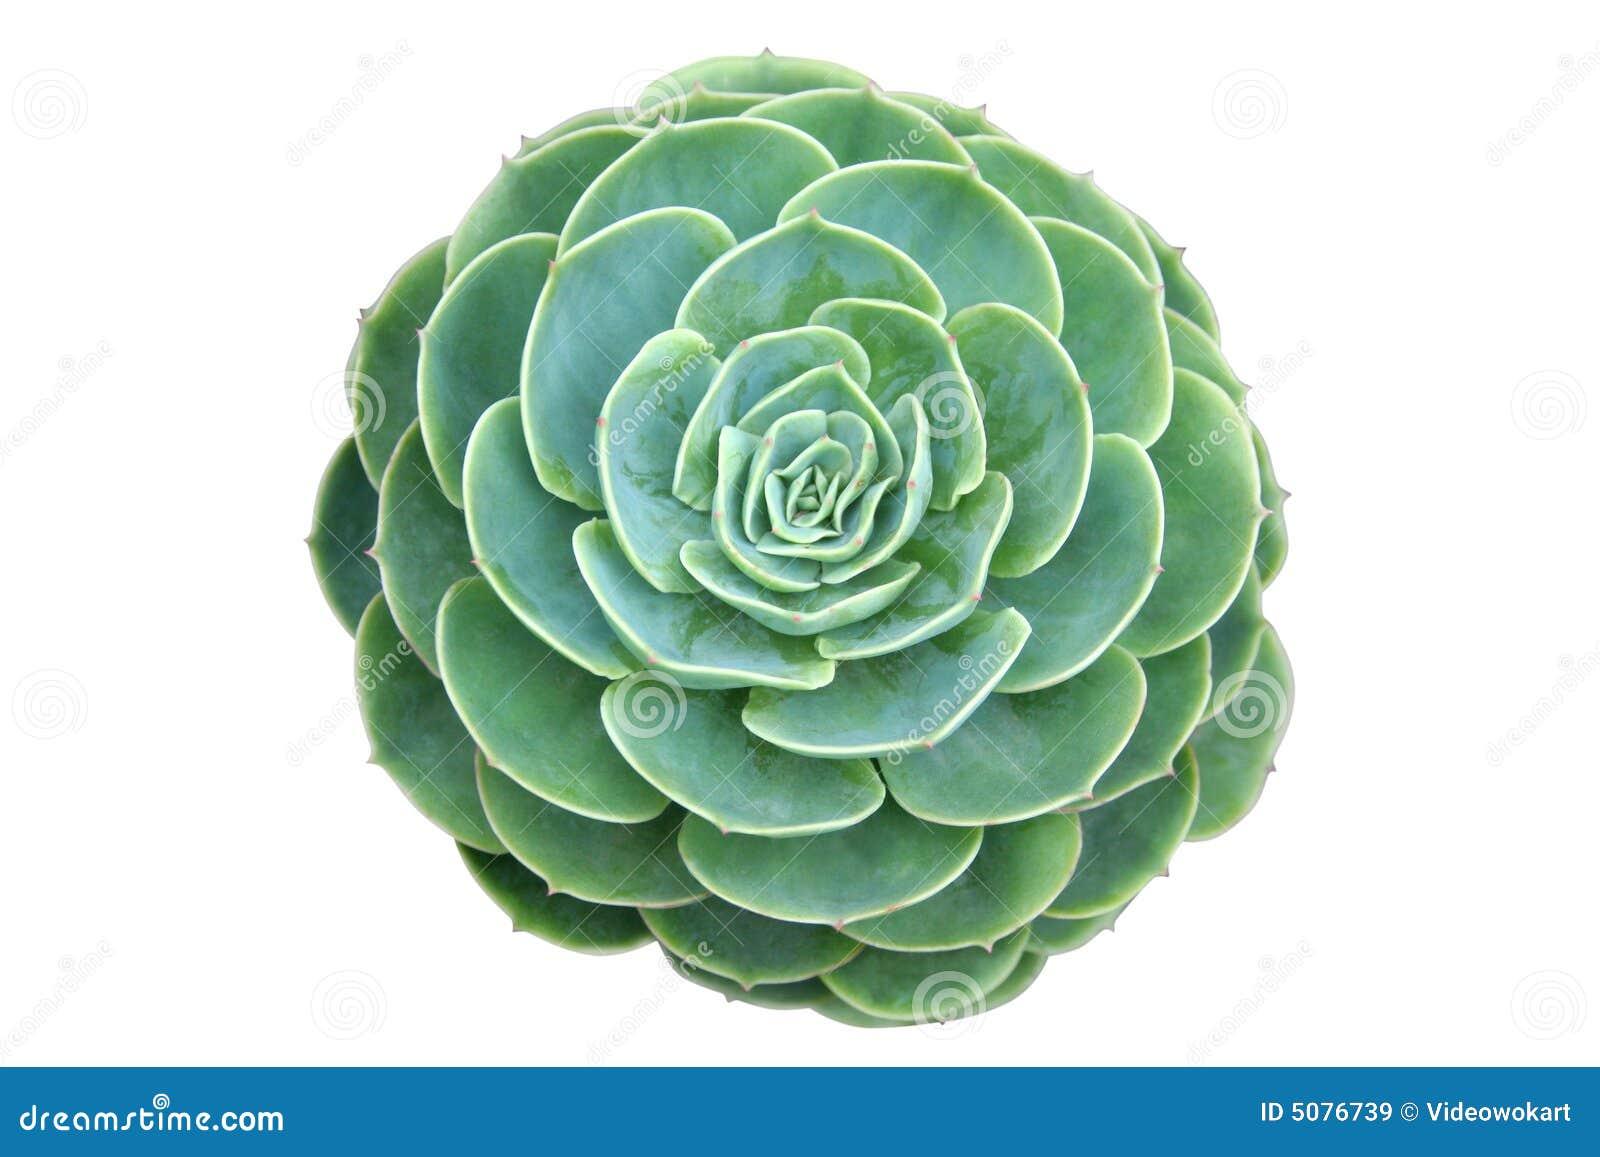 Cactus type of succulent plant